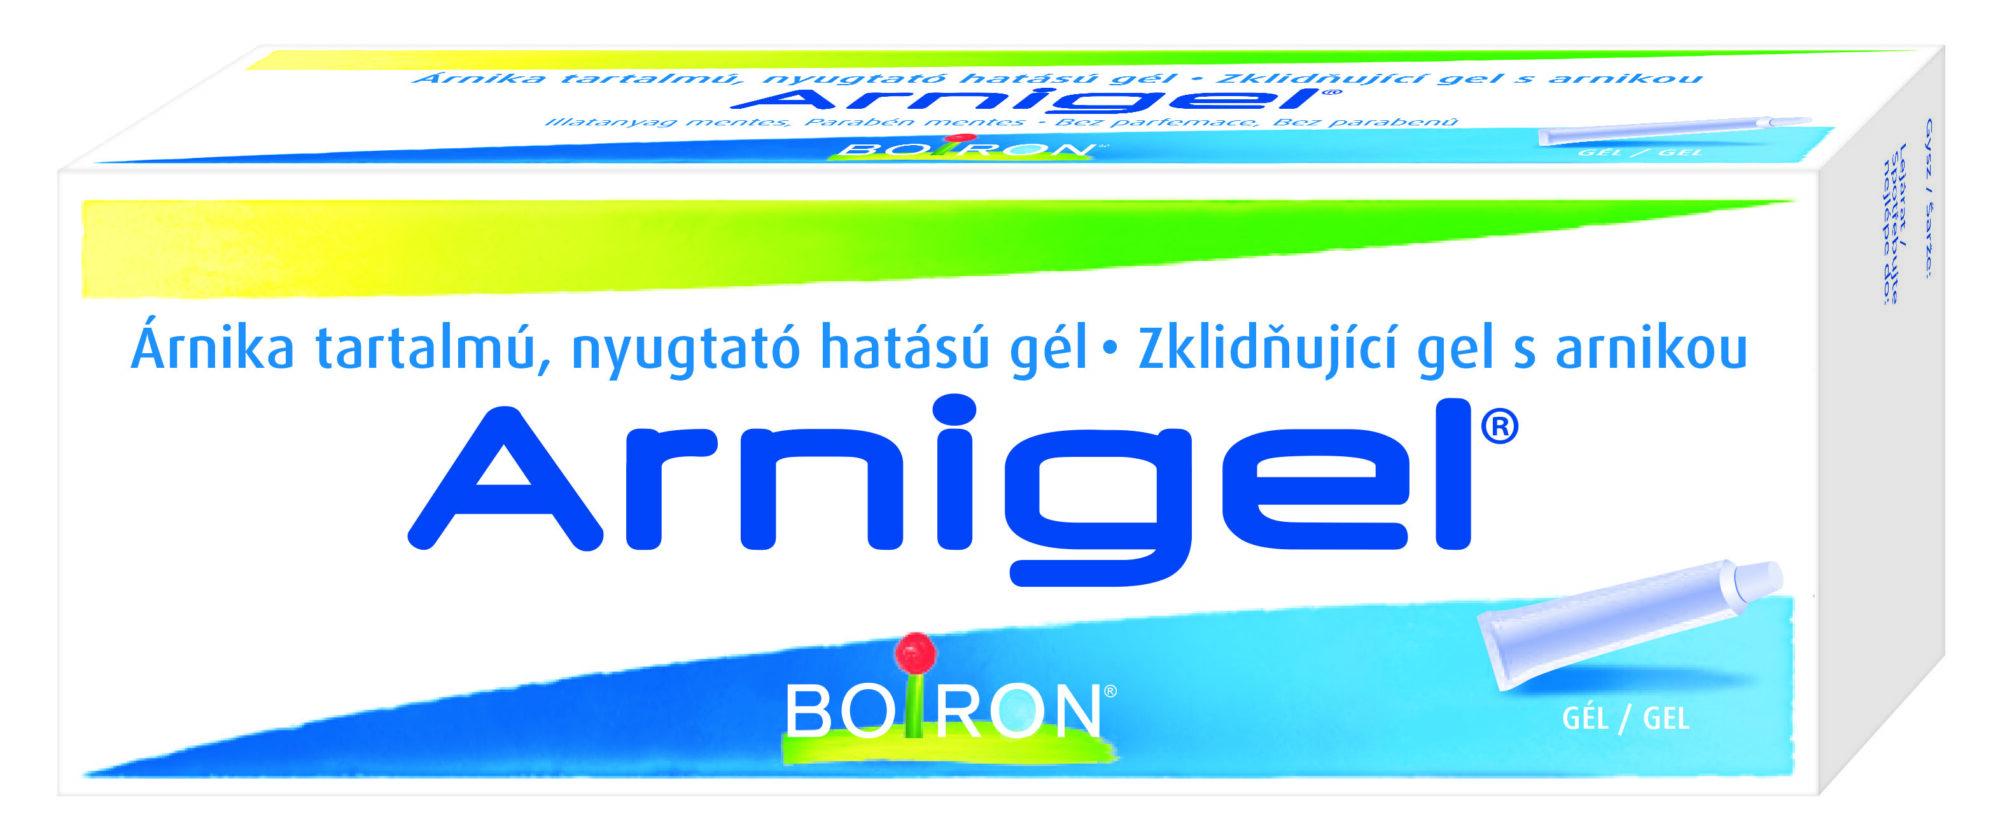 Arnigel 3D model CMYK 2016